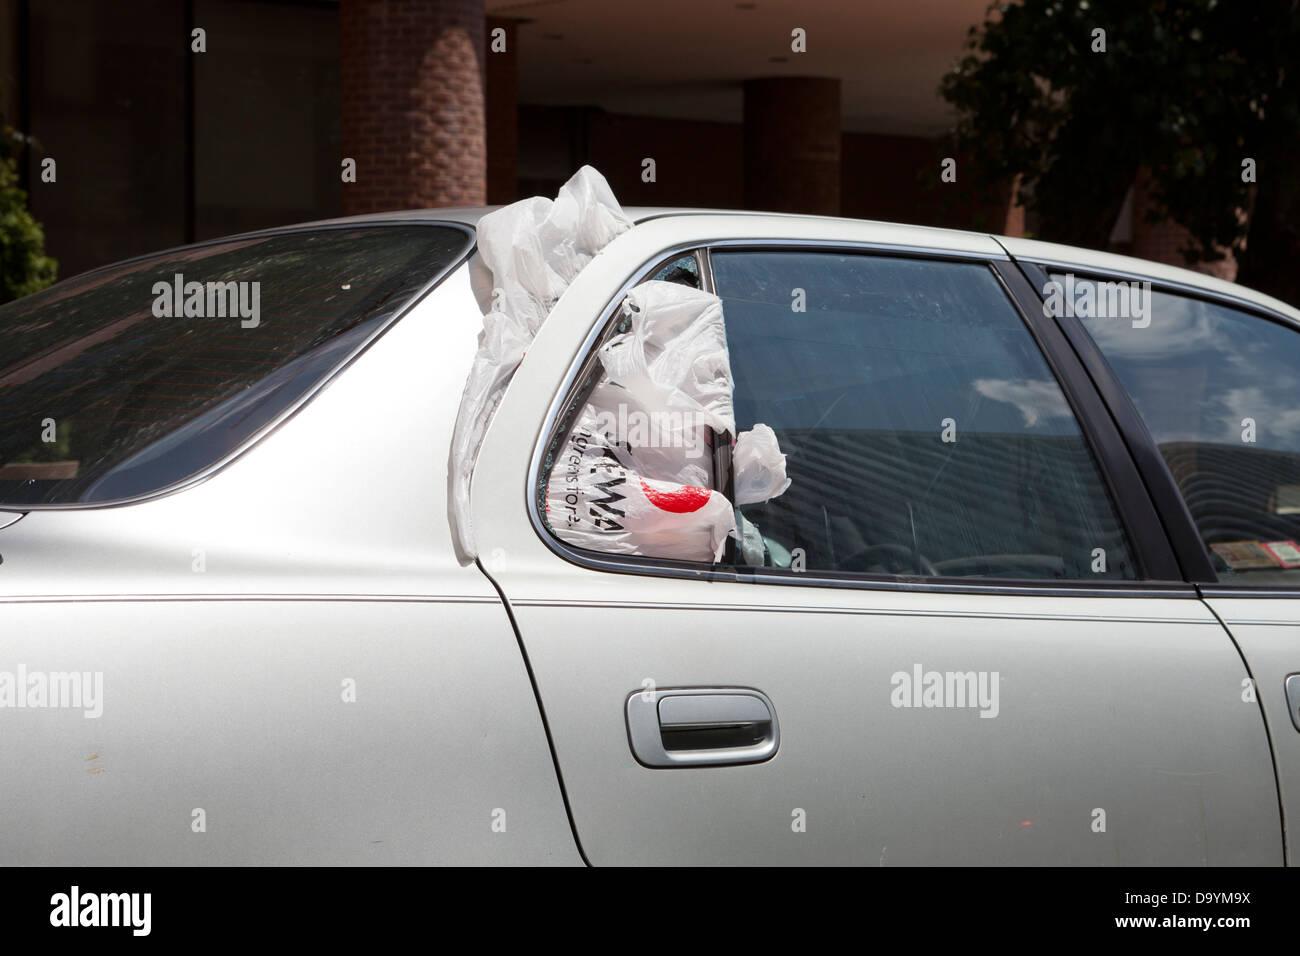 Heckscheibe eines Autos - USA gebrochen Stockbild